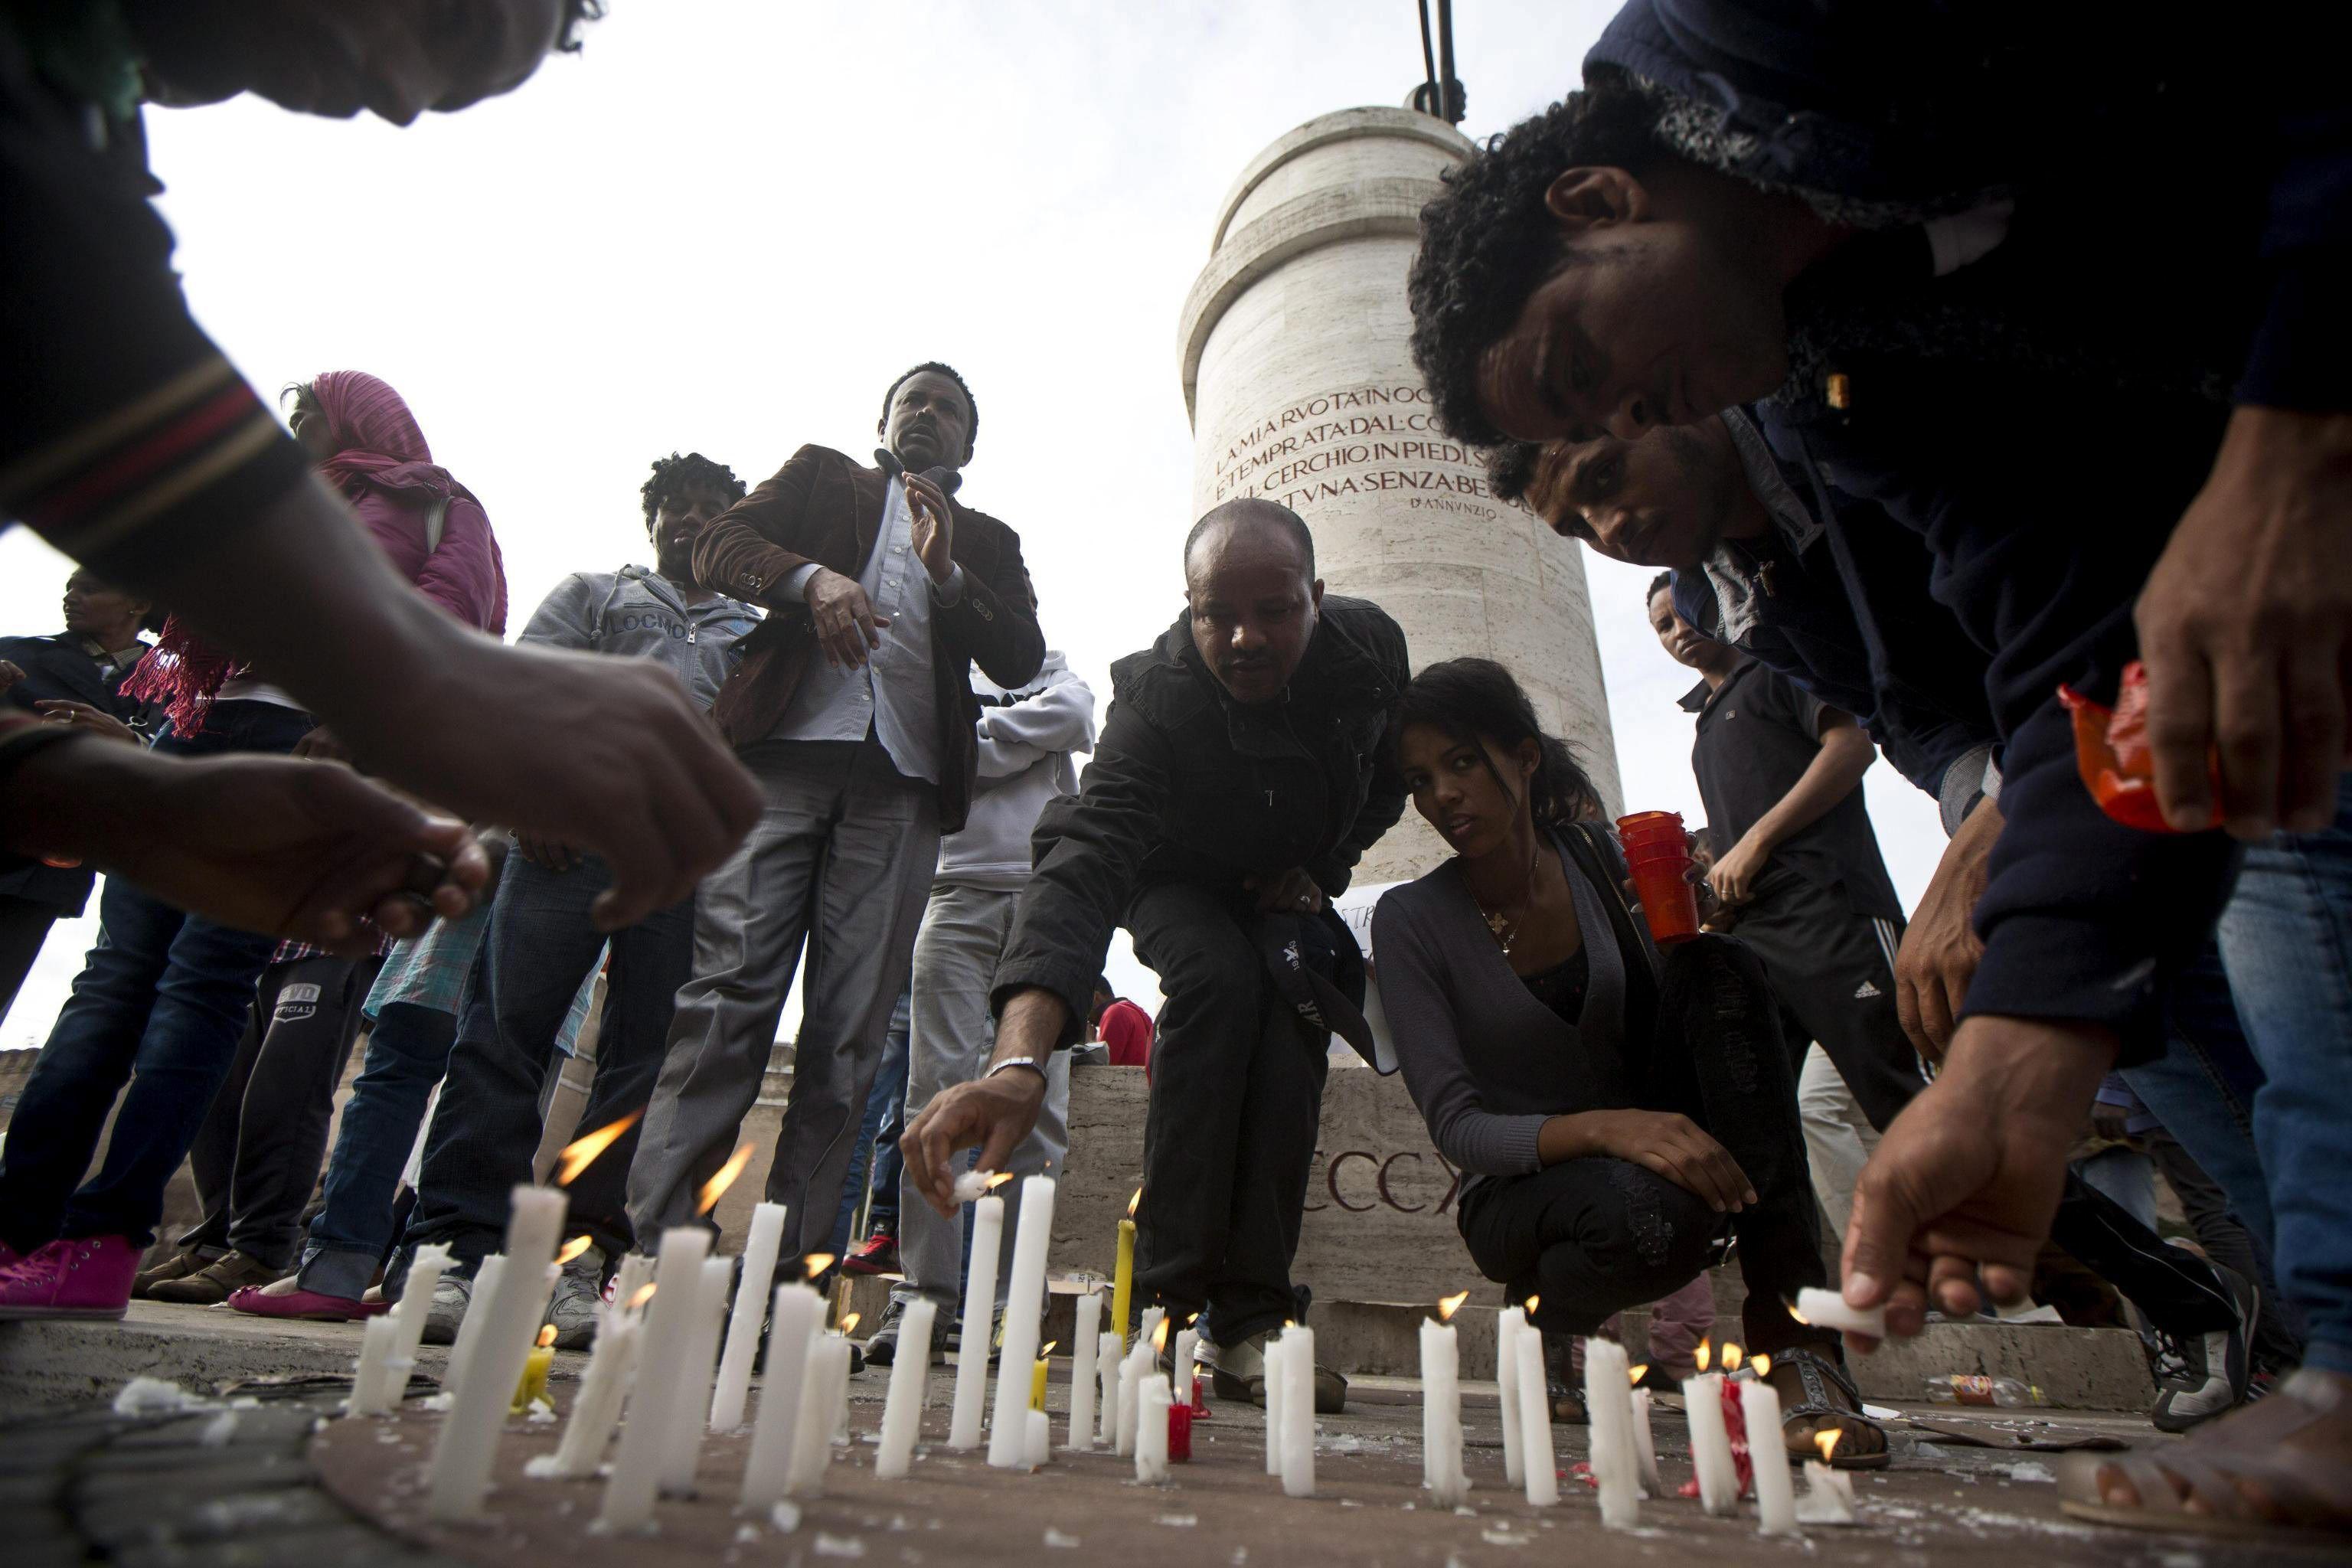 Italia recuerda a los inmigrantes de Lampedusa con una cuestionada ceremonia